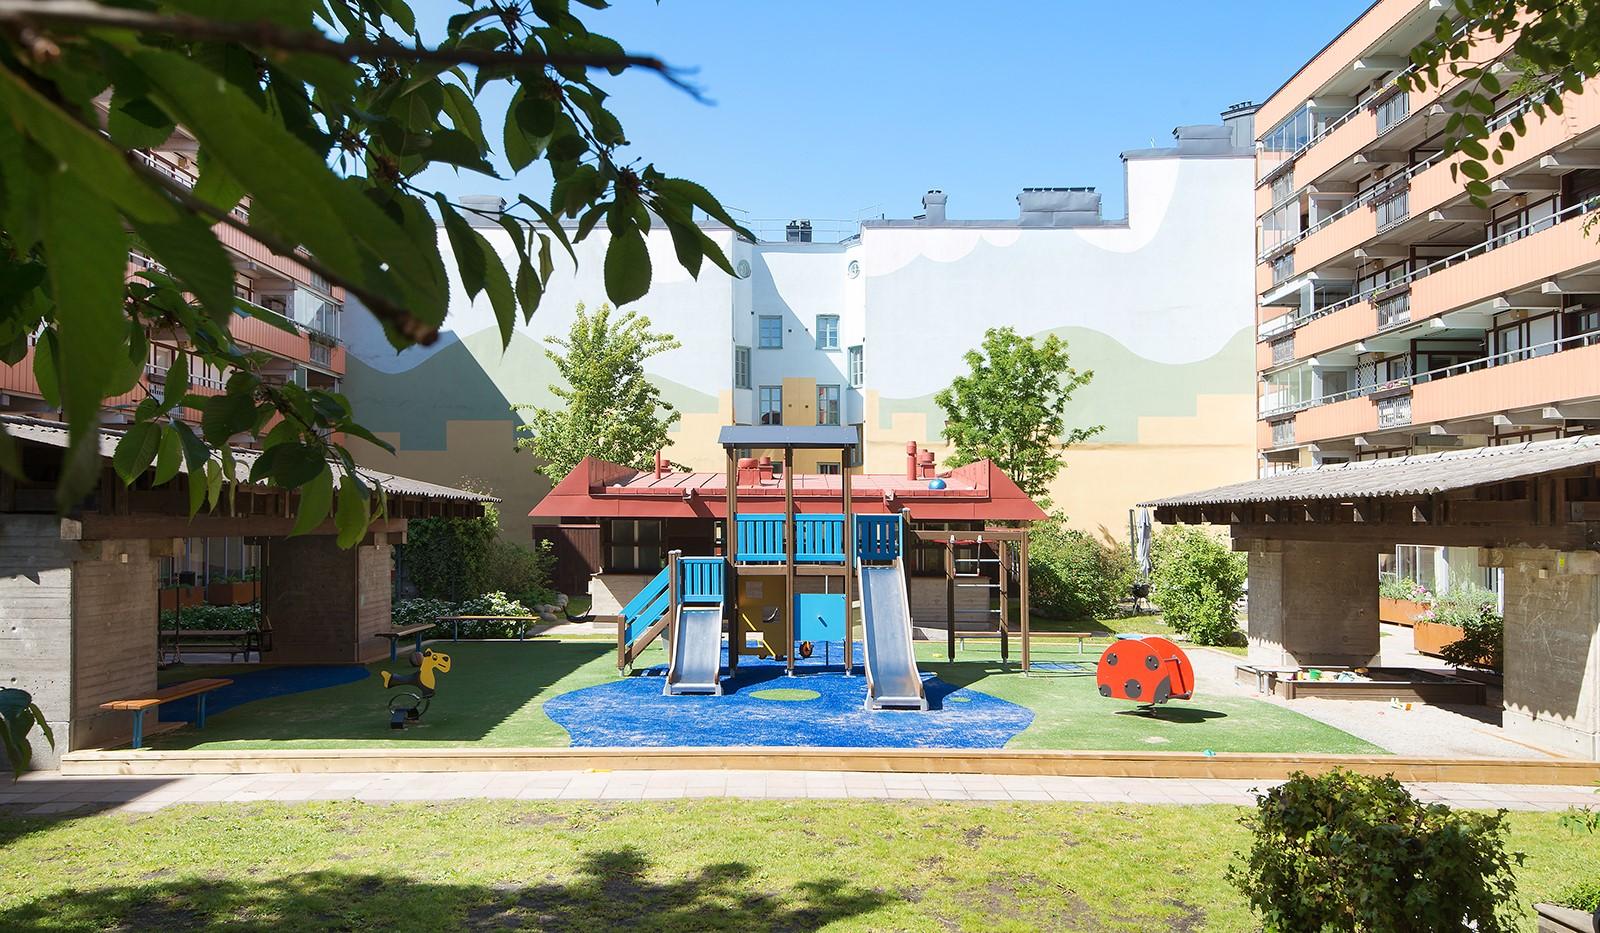 Kocksgatan 9, 5/5tr - Lekplatspalatset för barnen.